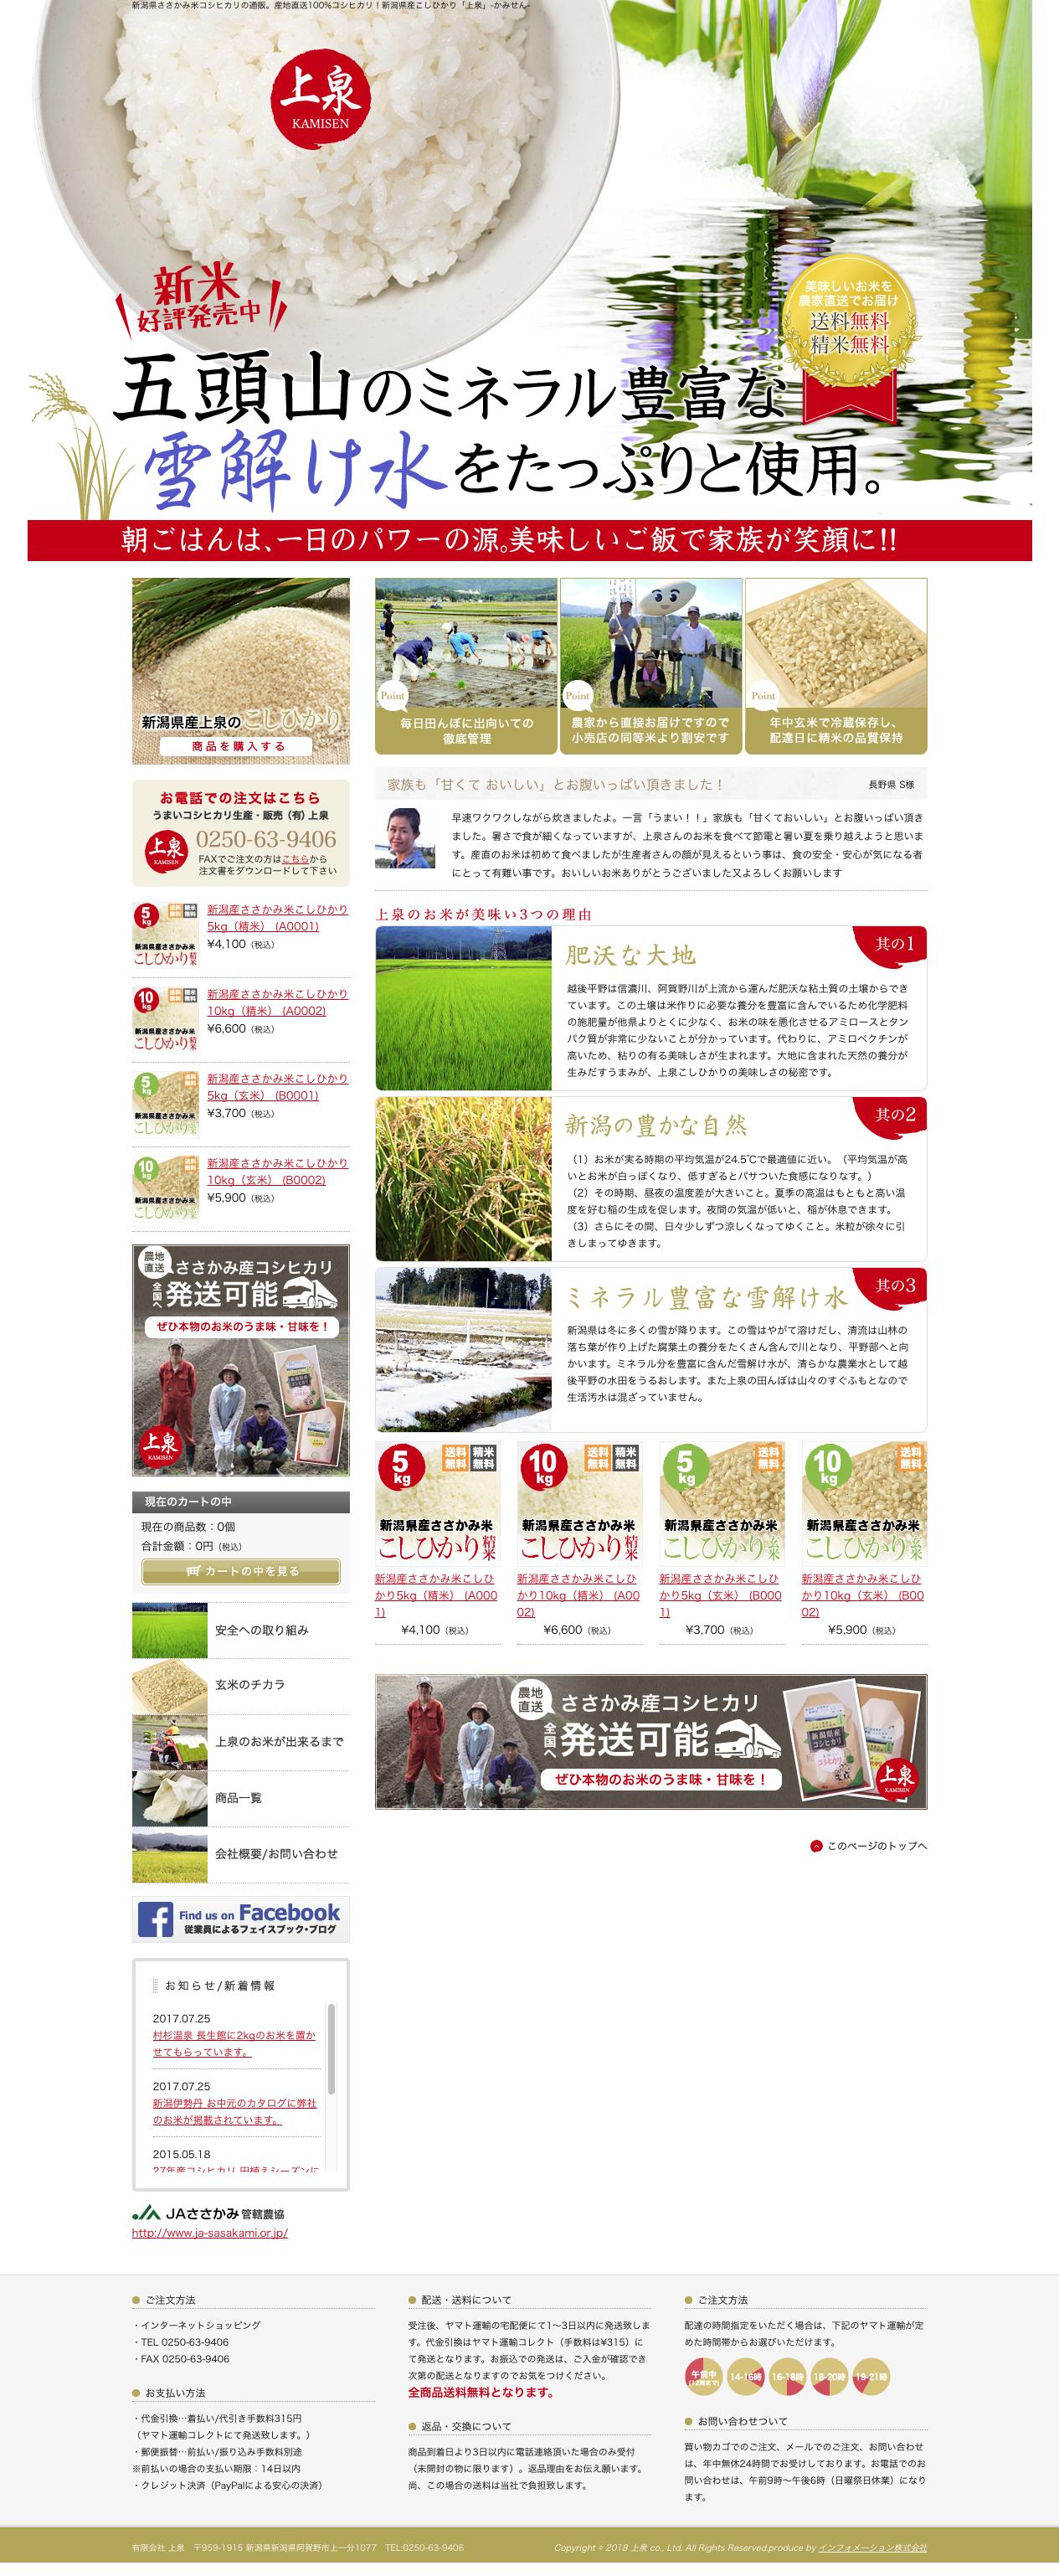 ホームページ制作実績:うまいコシヒカリ生産・販売(有)上泉 様